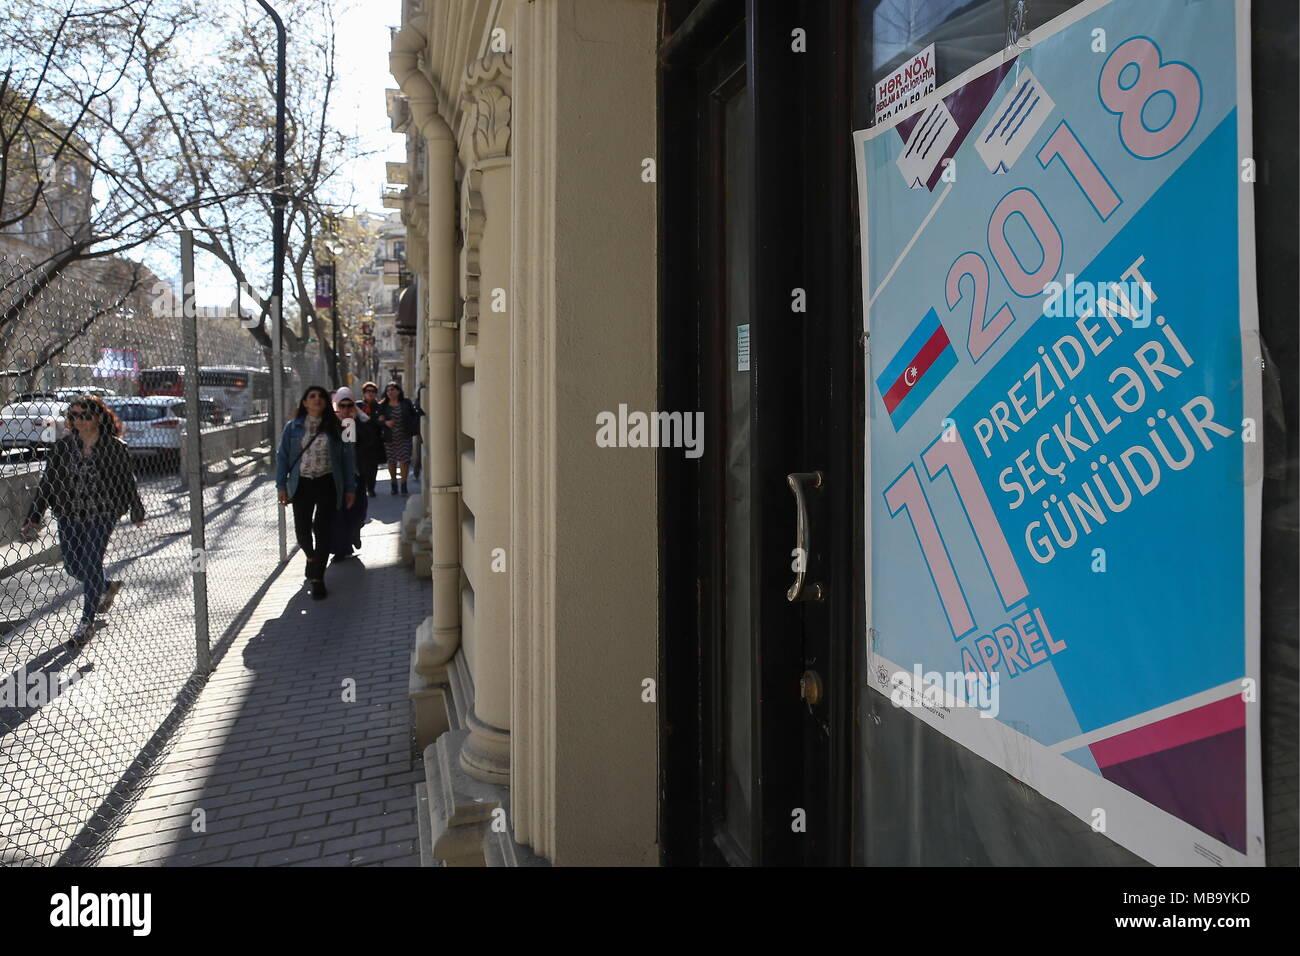 Baku, Aserbaidschan. 08 Apr, 2018. BAKU, Aserbaidschan - April 8, 2018: ein Schild mit einem Nachricht lesen' 11. April ist ein Tag der Präsidentschaftswahl'; ist Aserbaidschan Präsidentschaftswahlen vom 11. April 2018 zu halten. Yegor Aleyev/TASS Credit: ITAR-TASS News Agentur/Alamy leben Nachrichten Stockbild